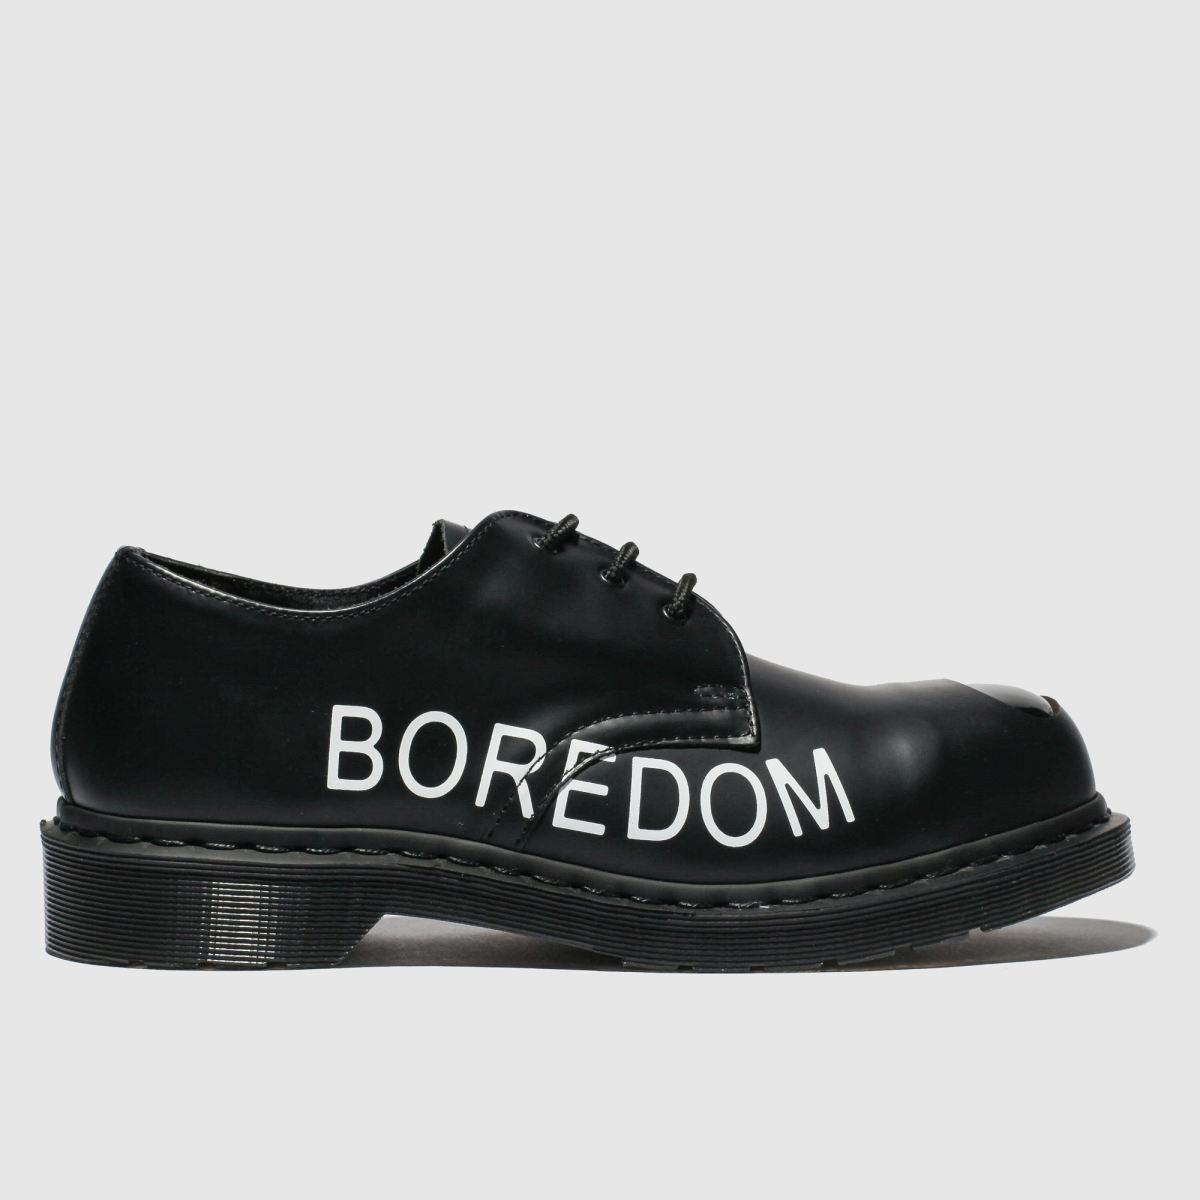 Dr Martens Black & White 1925 Shoes